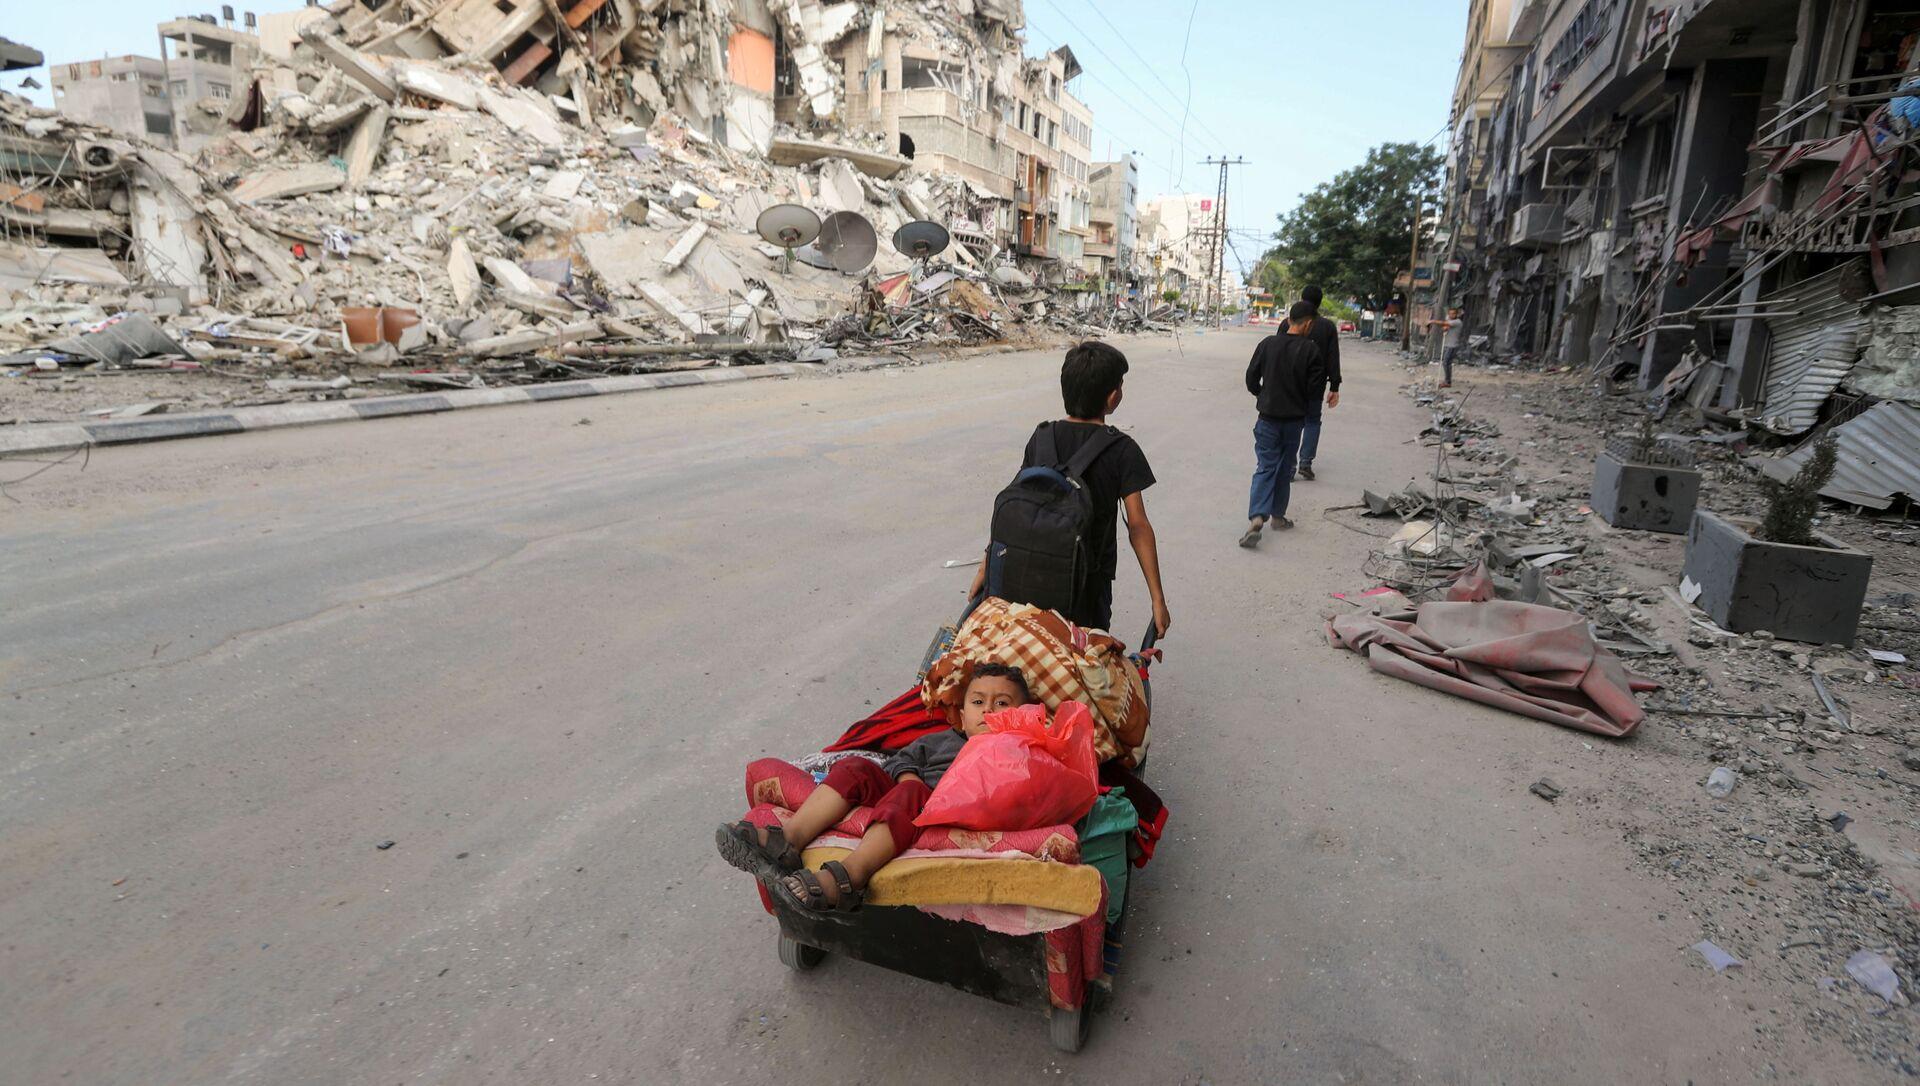 Палестинцы покидают свой дом во время израильских воздушных и артиллерийских ударов в секторе Газа - Sputnik Italia, 1920, 16.05.2021